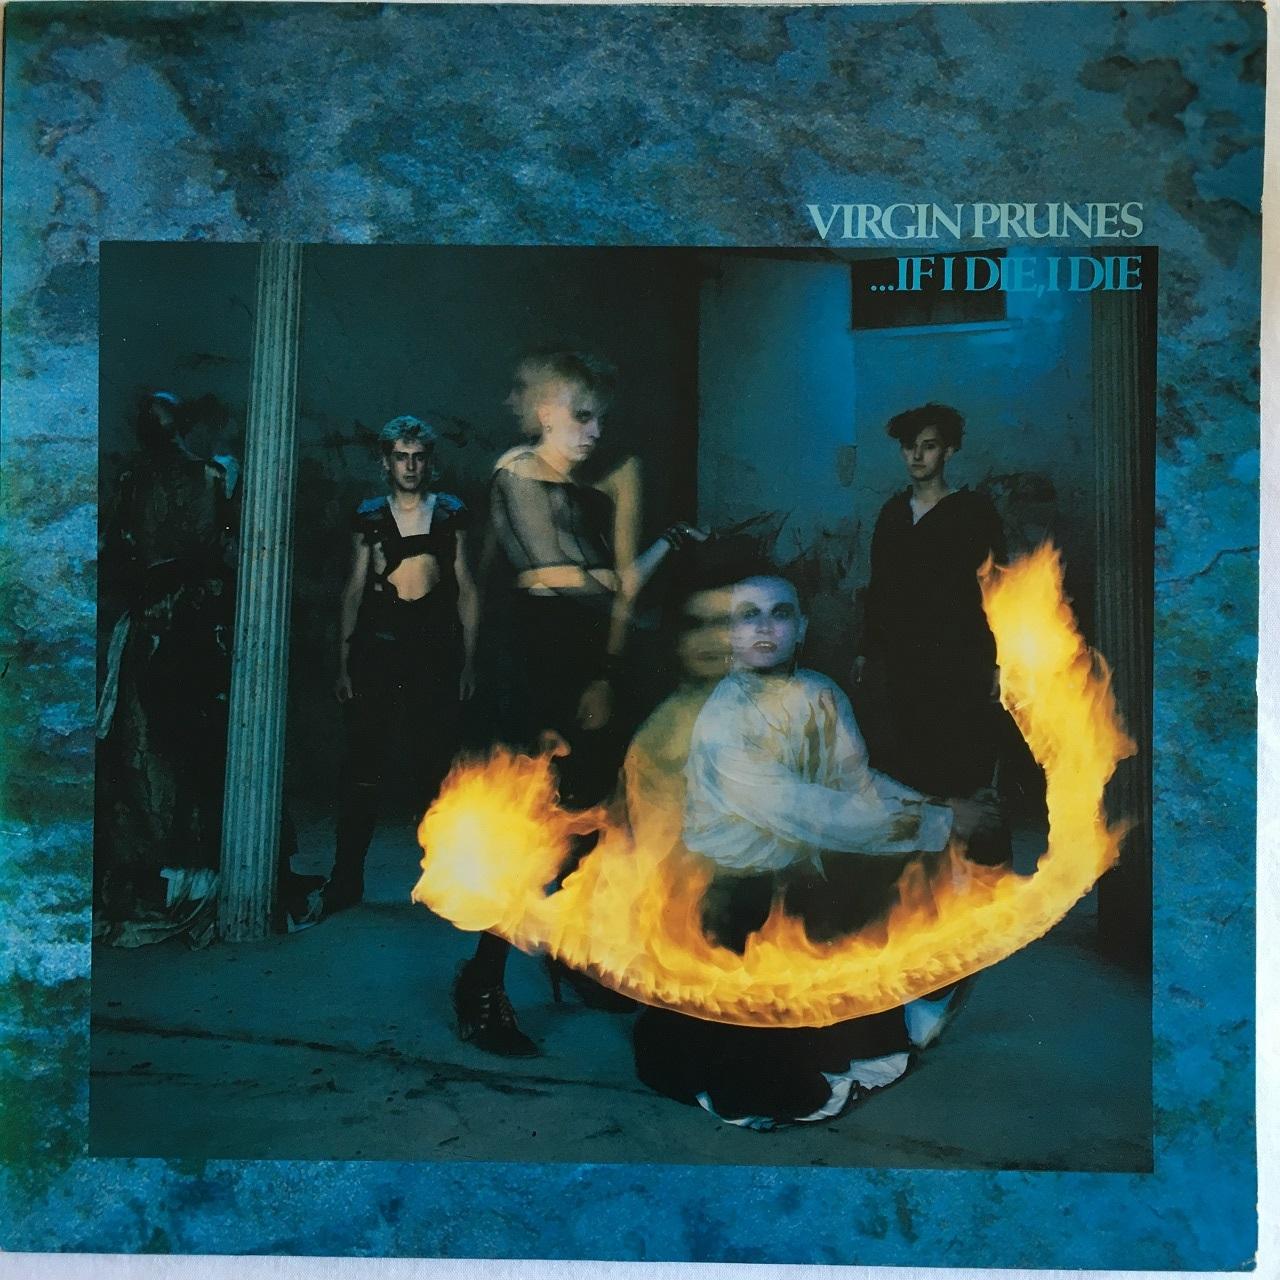 【LP・英盤】Virgin Prunes / If I Die, I Die